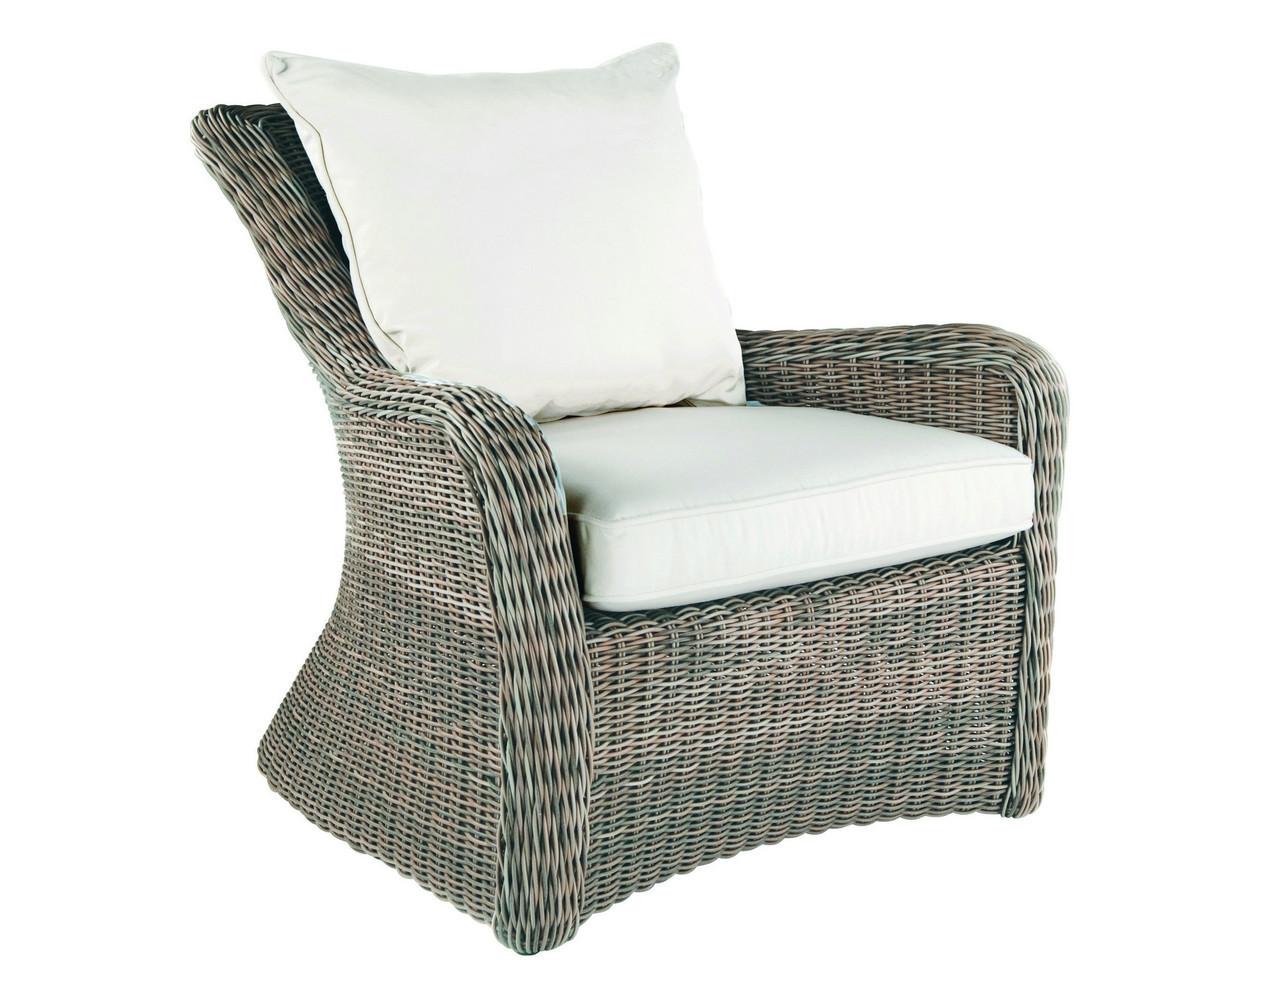 Kingsley Bate Sag Harbor Outdoor Wicker Lounge Chair